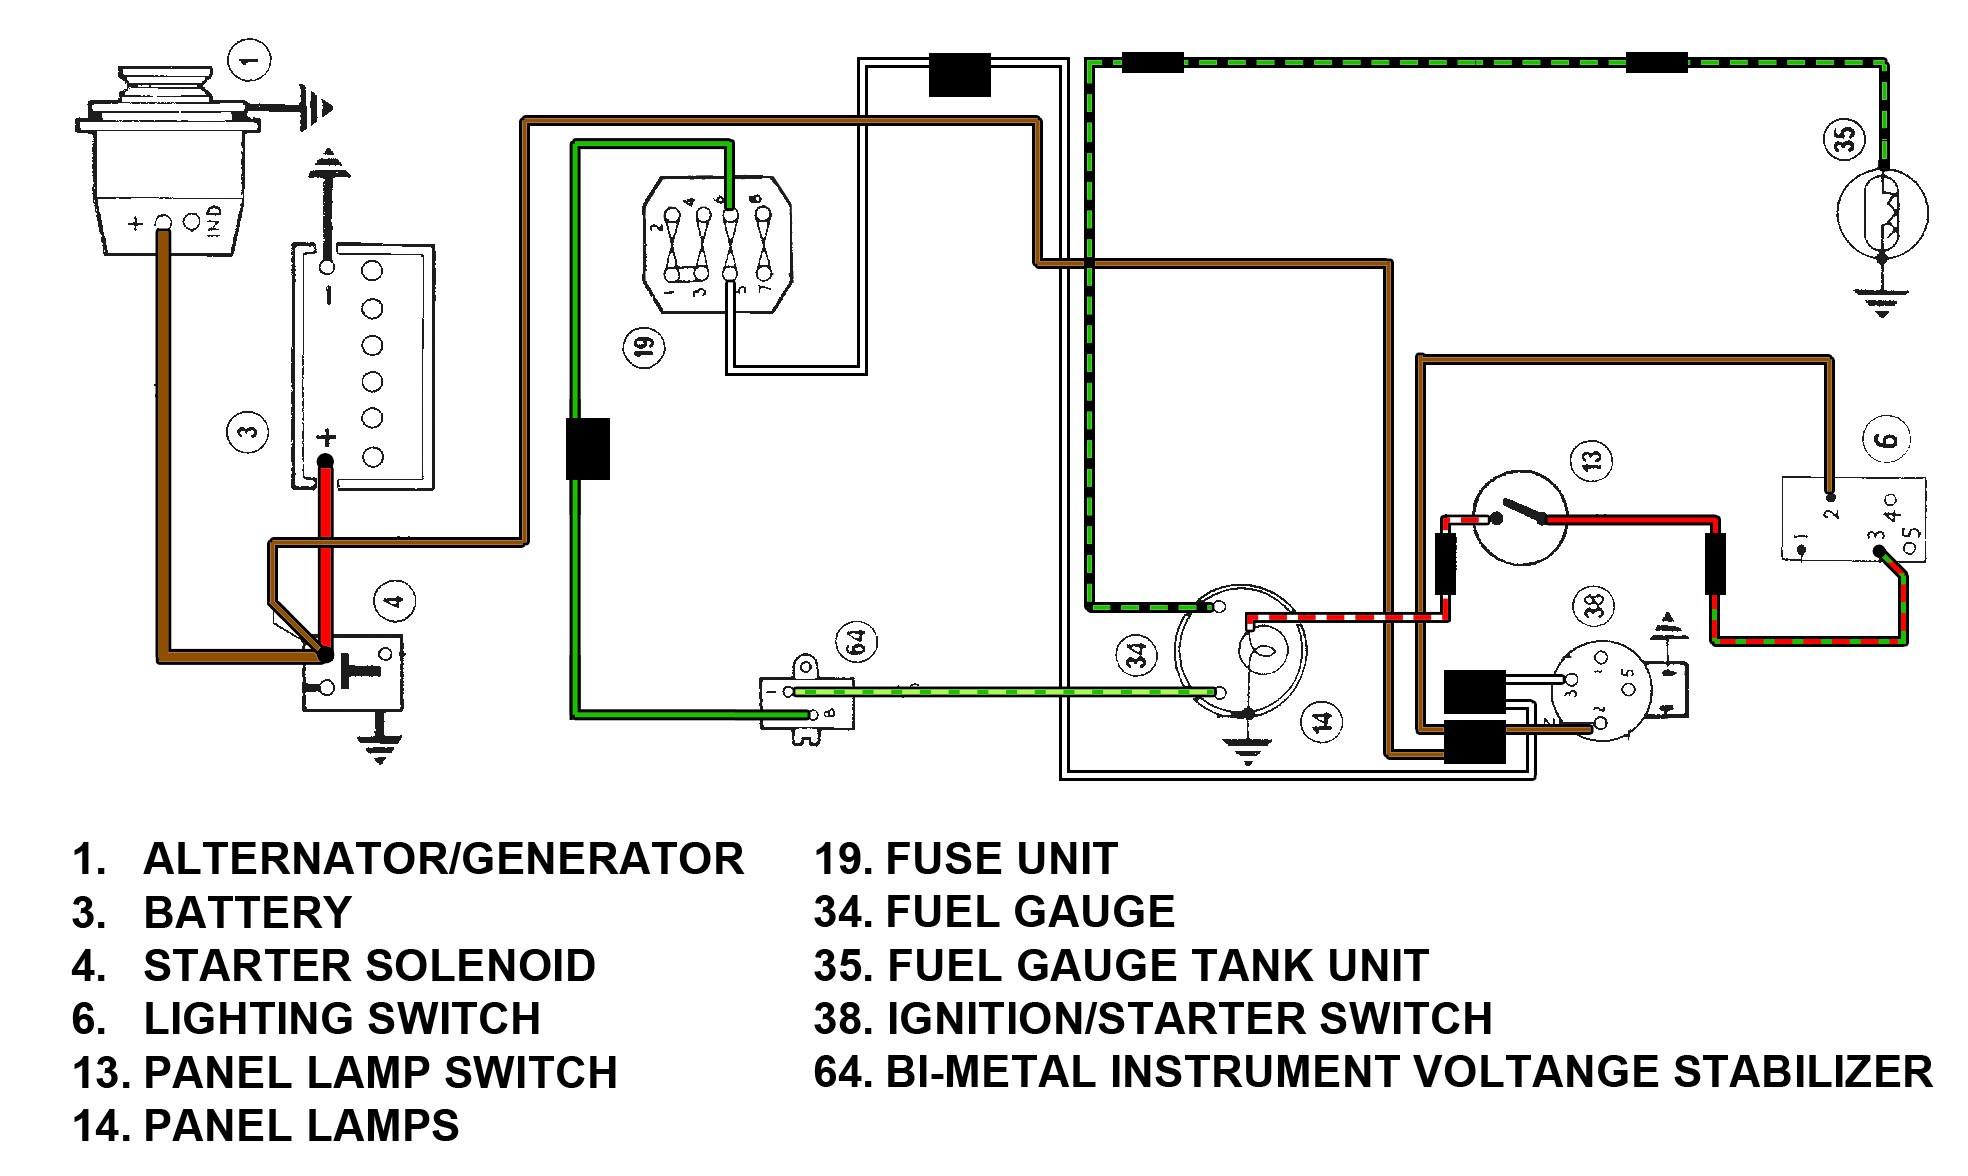 equus volt gauge wiring diagram equus fuel gauge wiring diagram